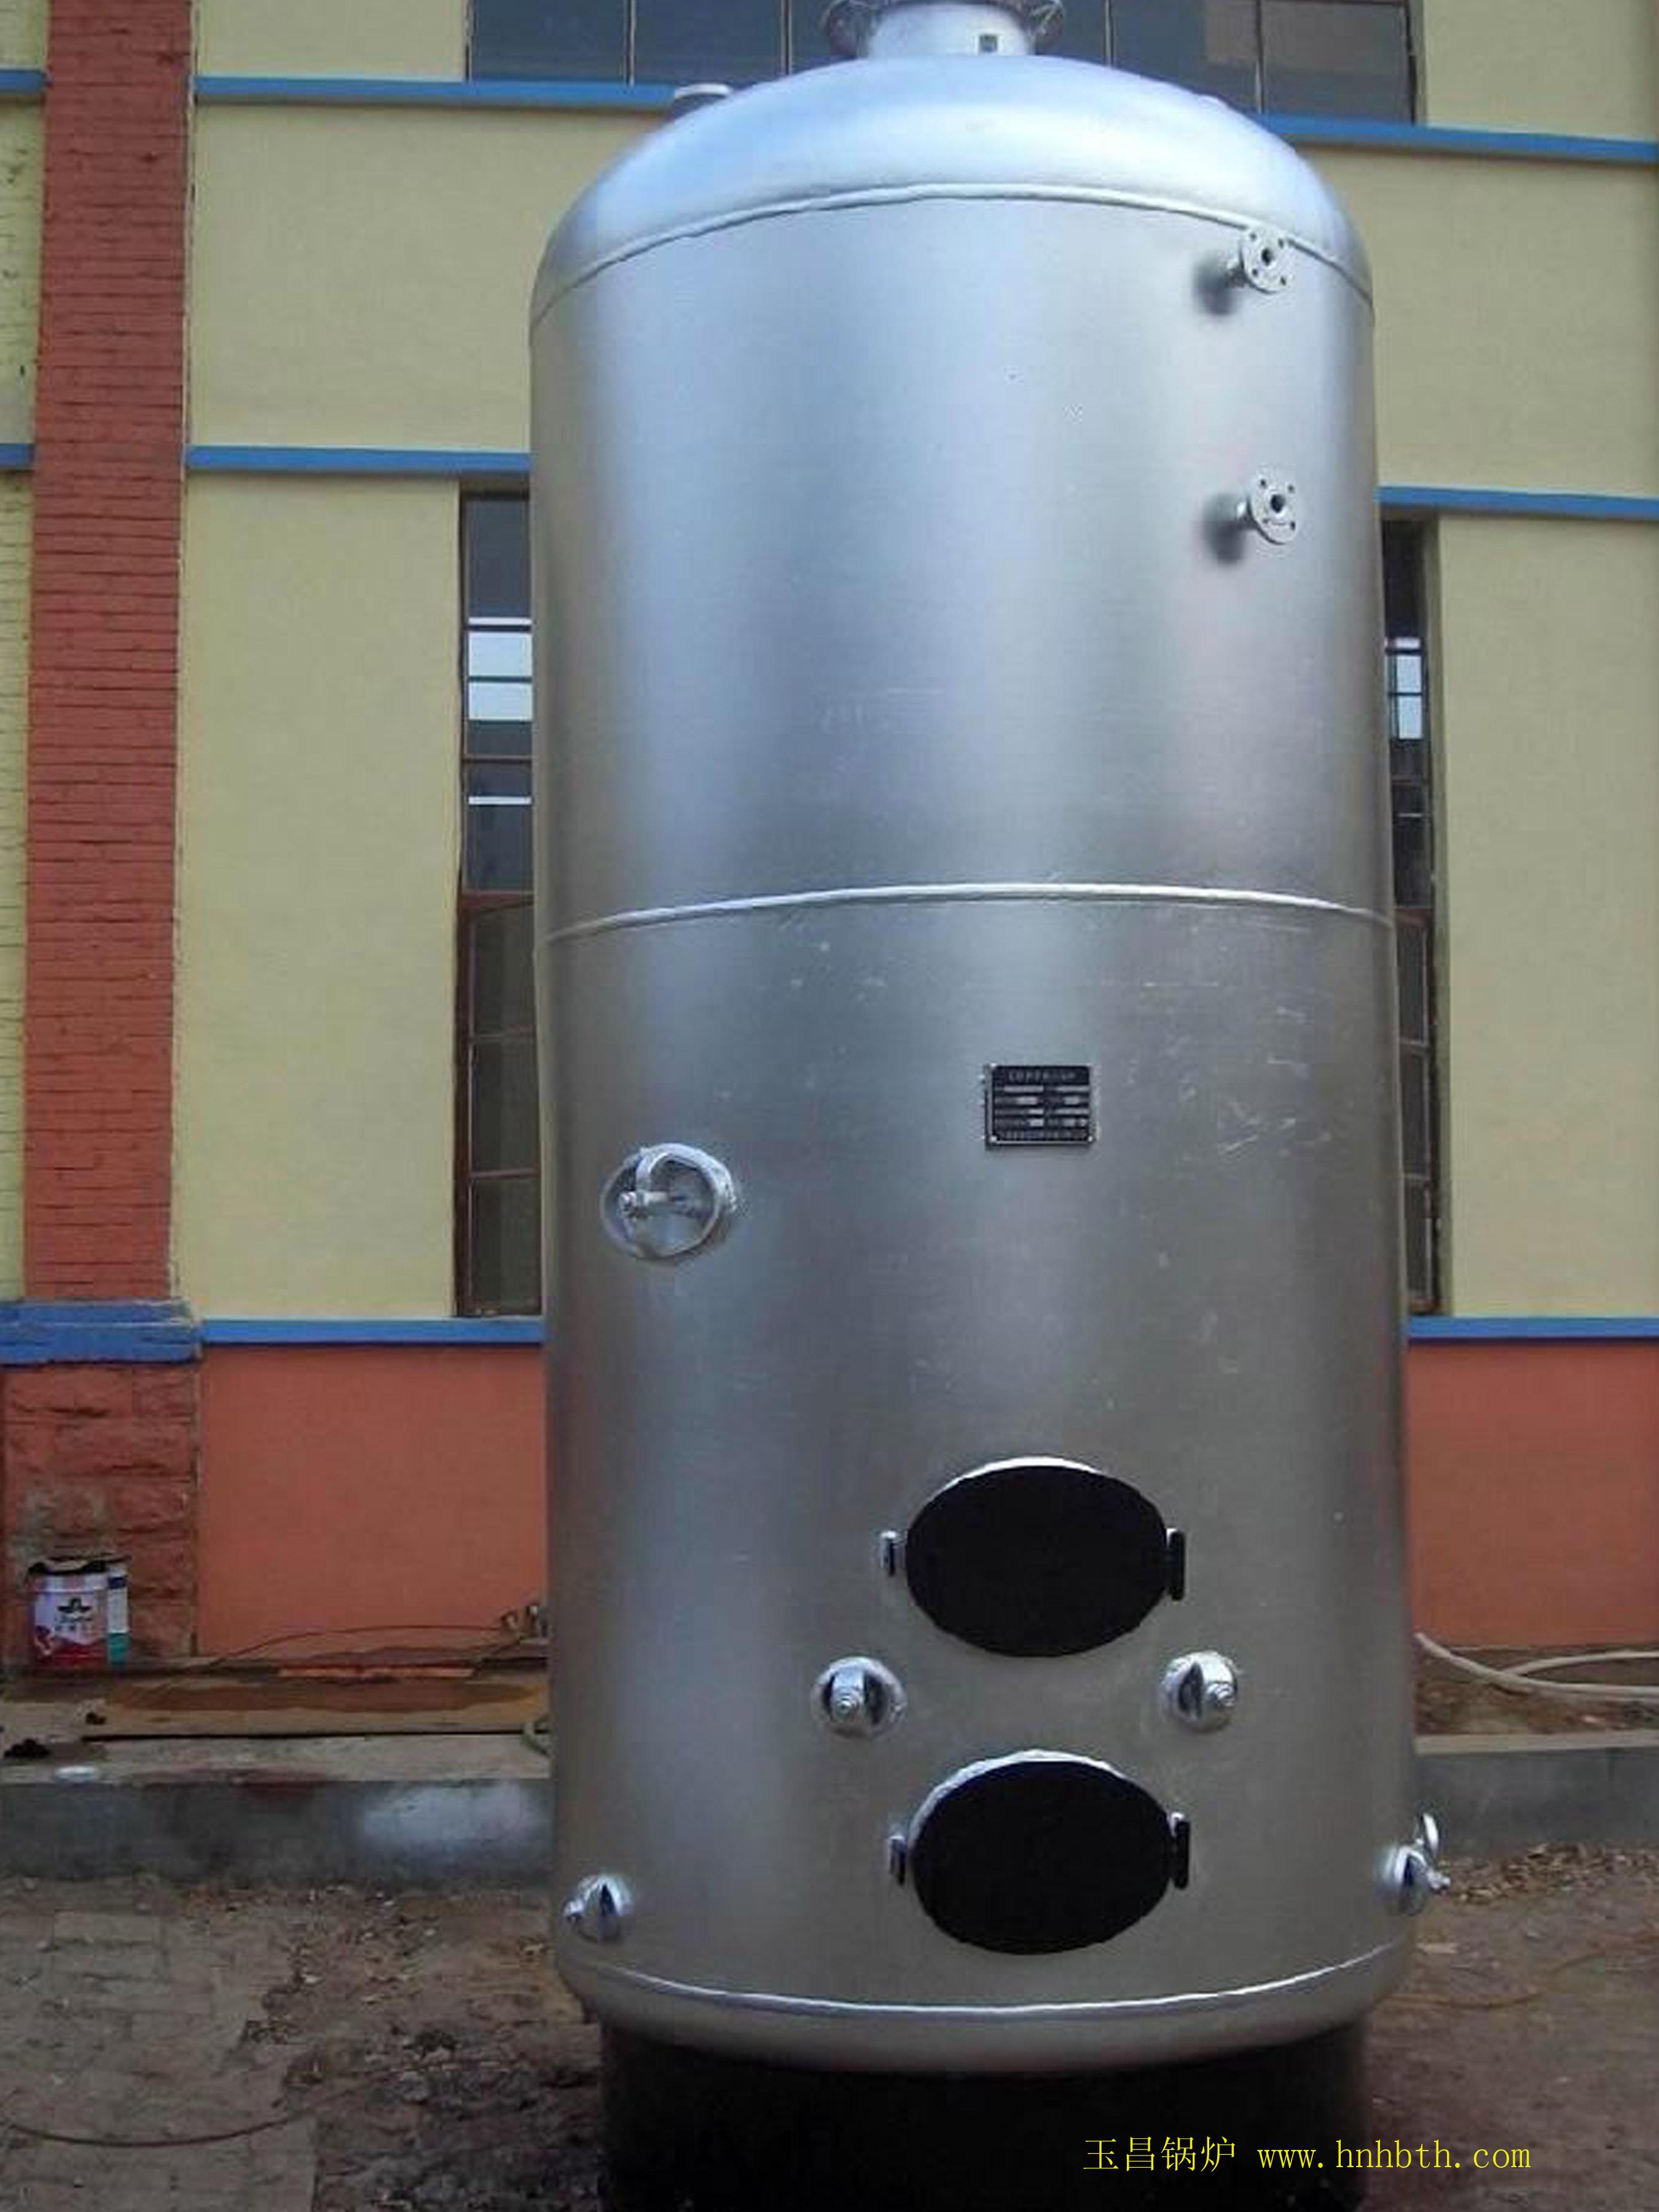 湖北口碑最佳锅炉设备厂家玉昌锅炉有限公司常压热水锅炉安全可靠使